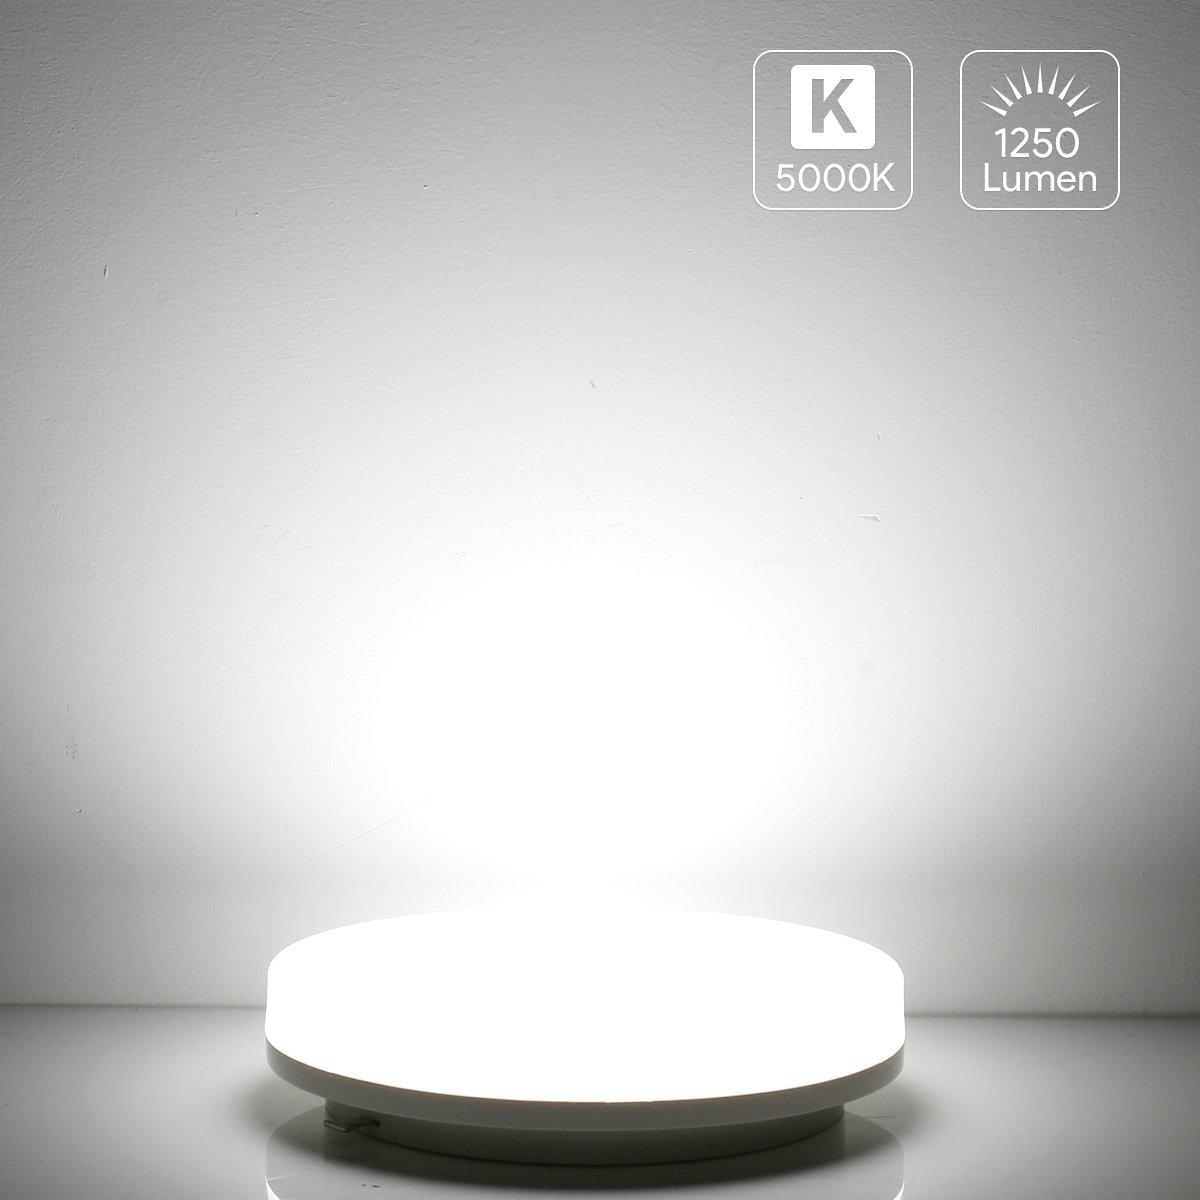 LE Plafón LED Regulable 24W IP54 Baños y Cocinas, Blanco frío, Equivalencia Fluorescente 50W, Resistente al agua [Clase de eficiencia energética A+] Lighting EVER